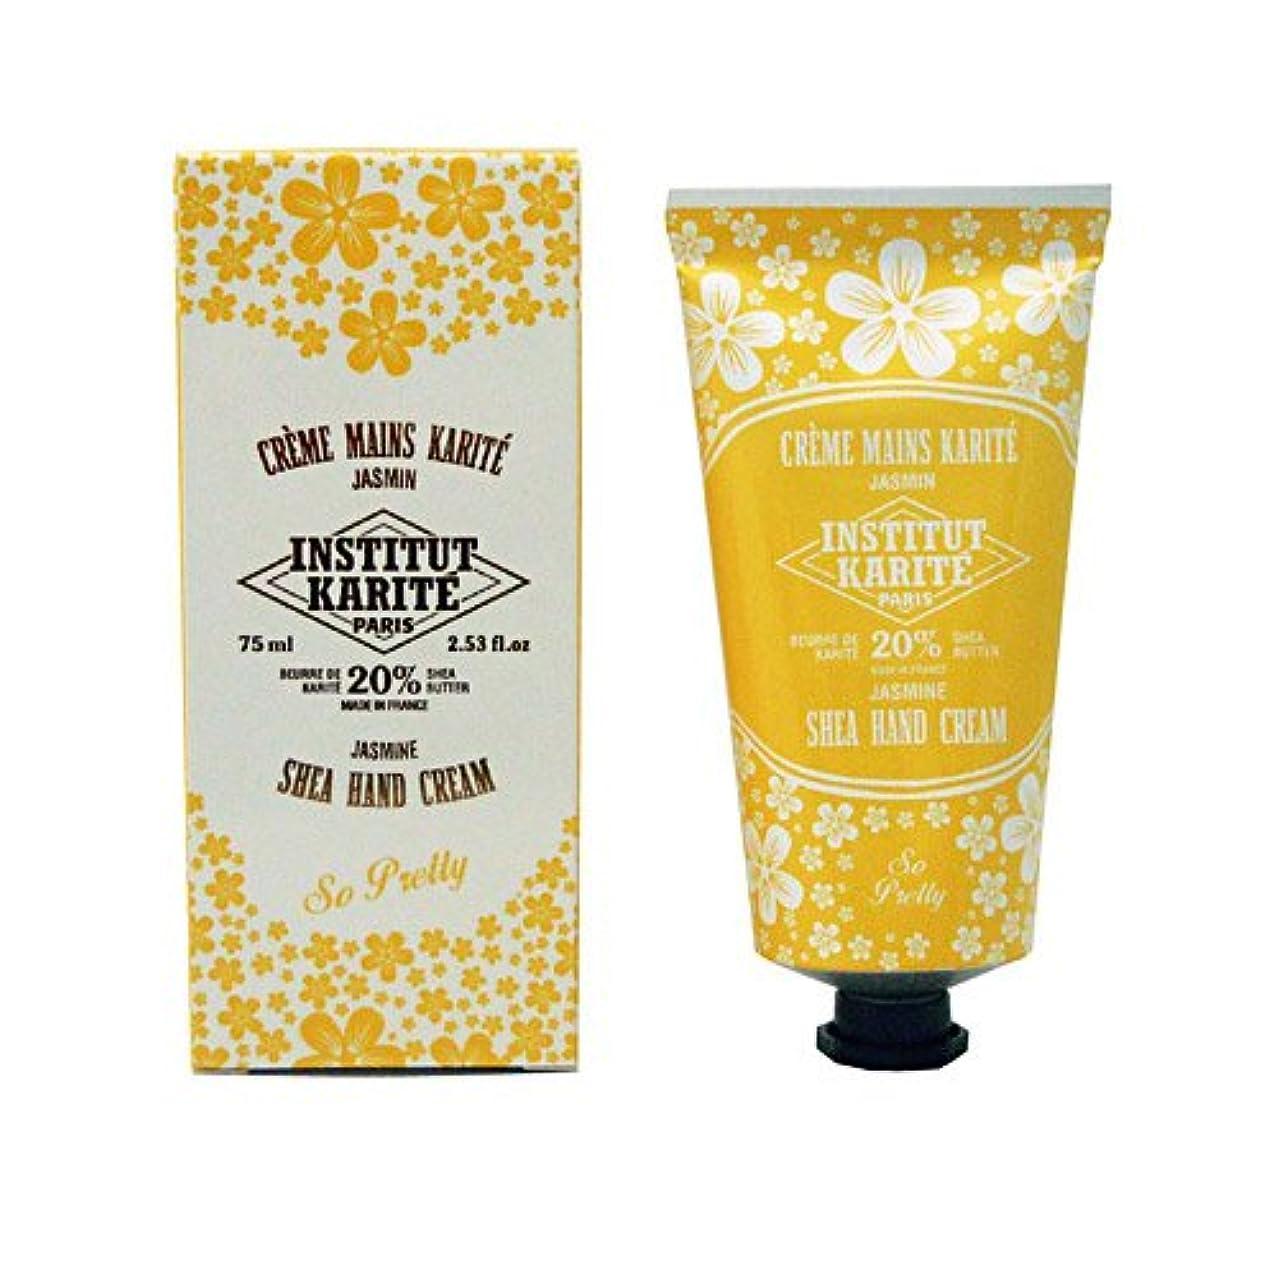 防腐剤マラドロイトクリークINSTITUT KARITE カリテ Hand Cream 75ml(ハンドクリーム)Jasmine ジャスミン